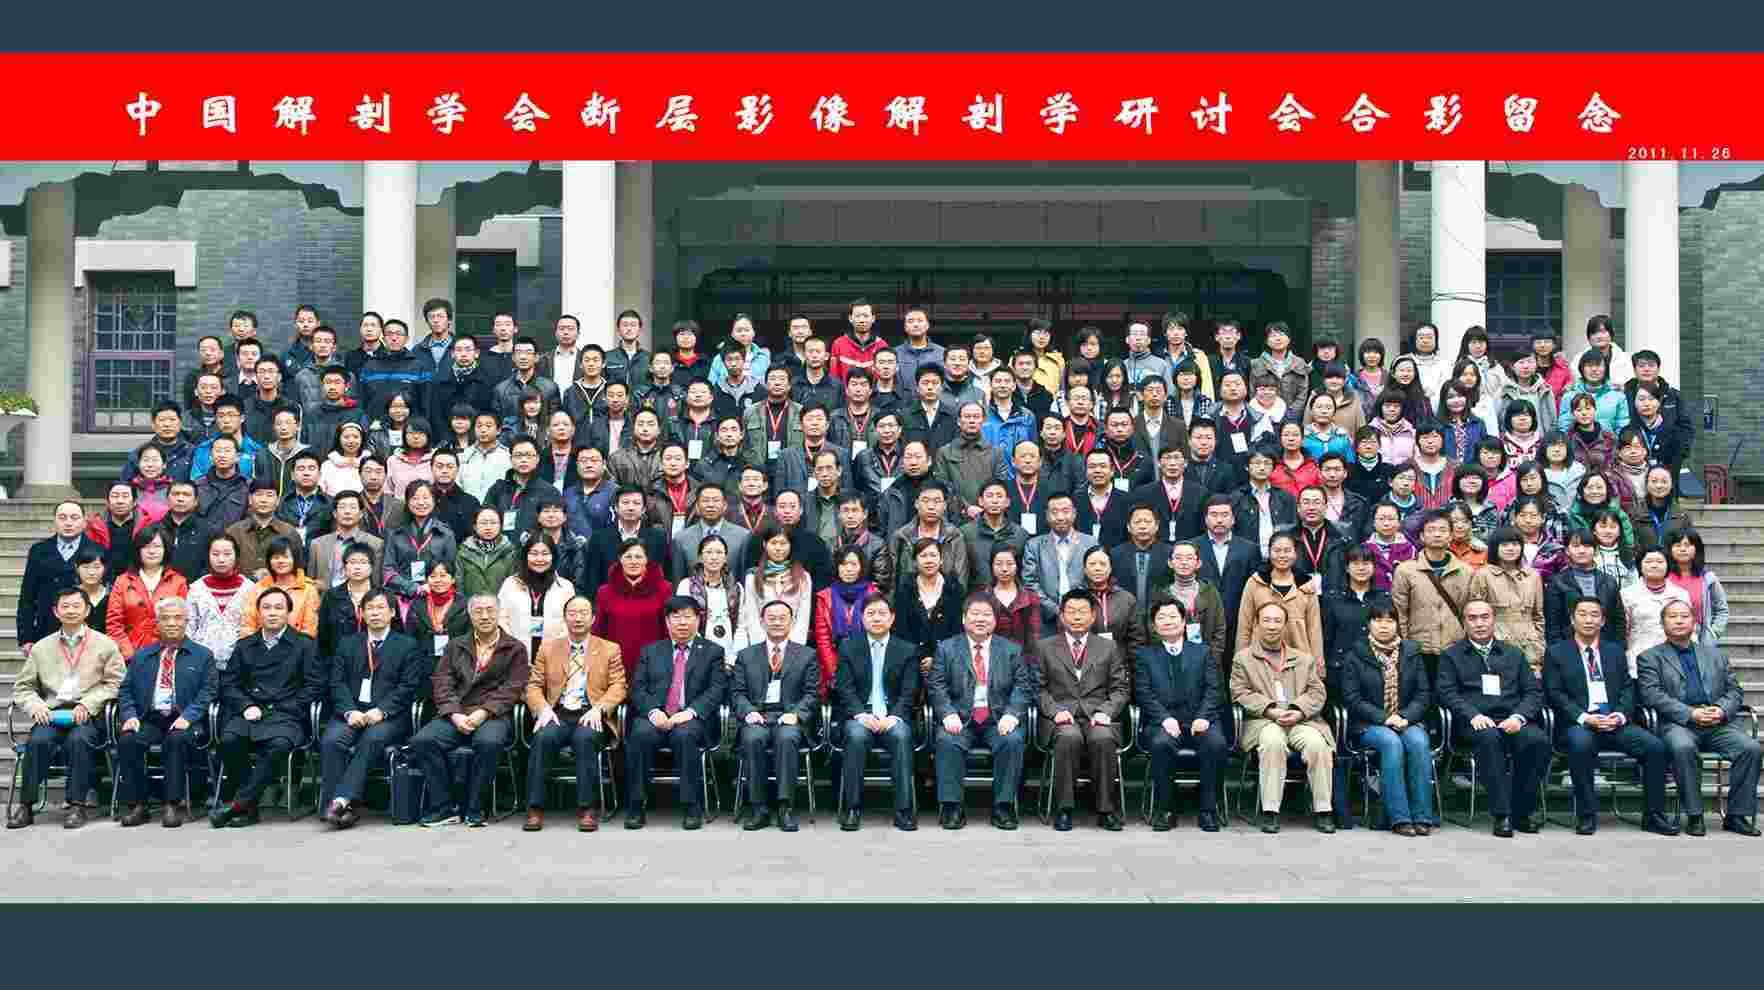 全国断层影像解剖学研讨会2011年11月在山大召开